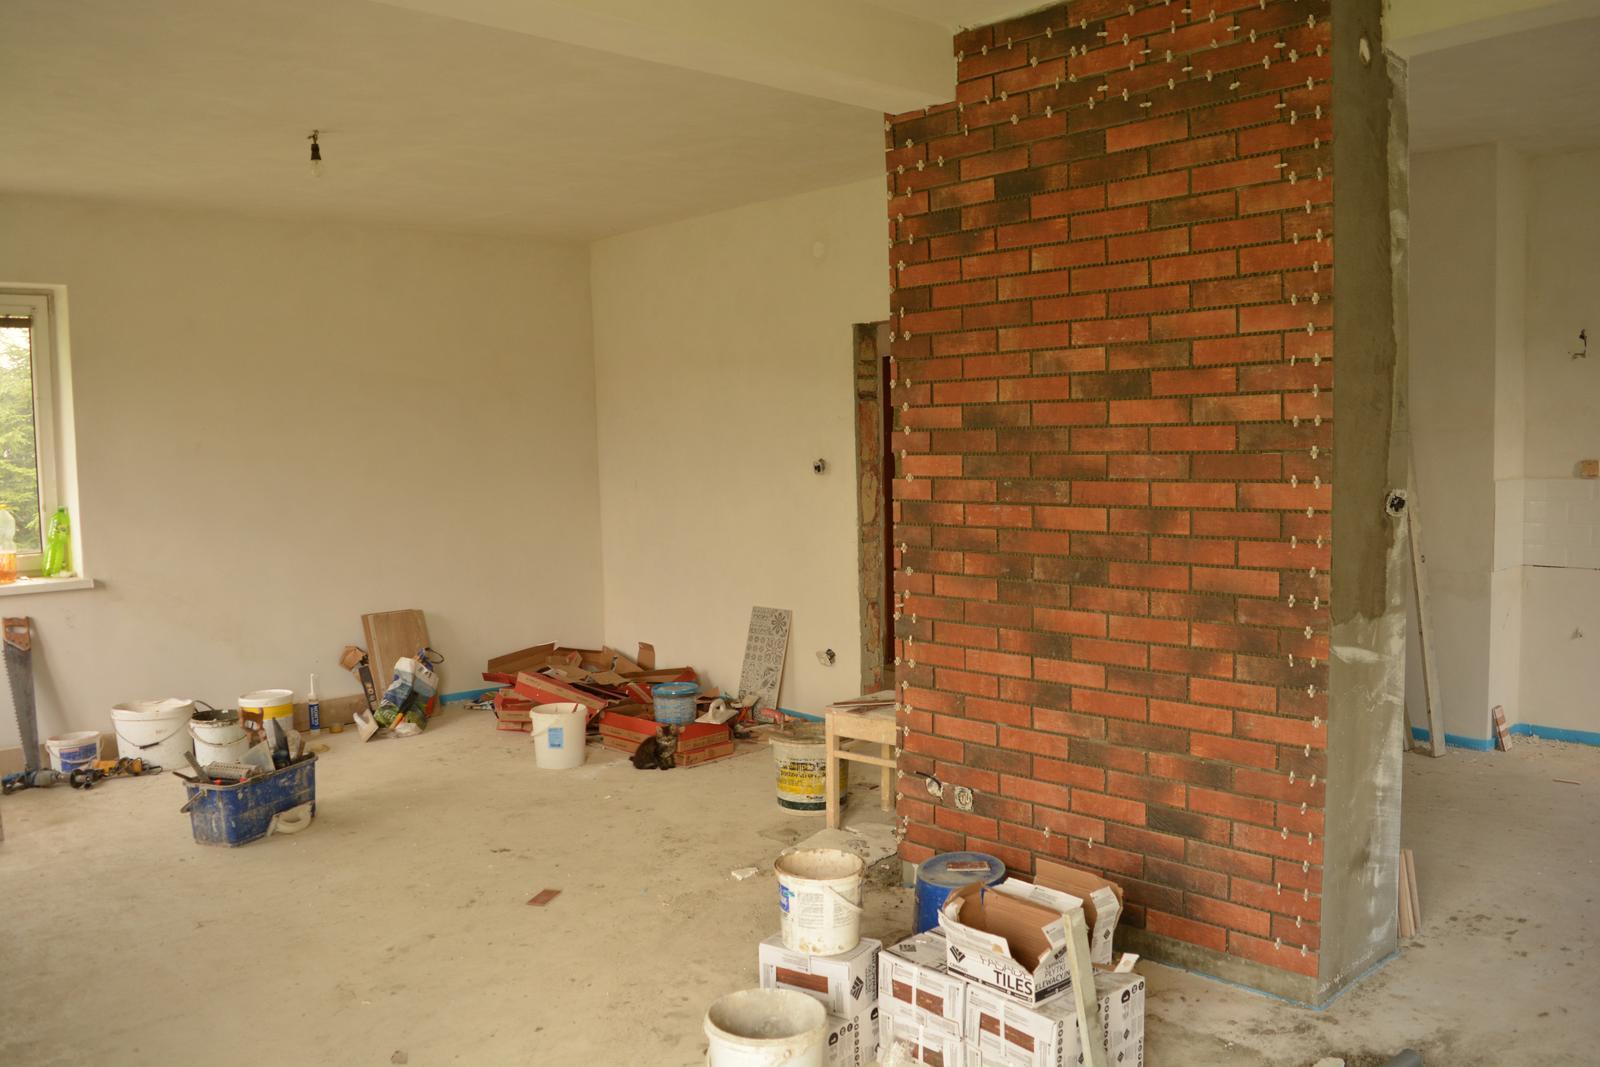 Náš nový domov ... - ááá komín už se rýsuje ... :)